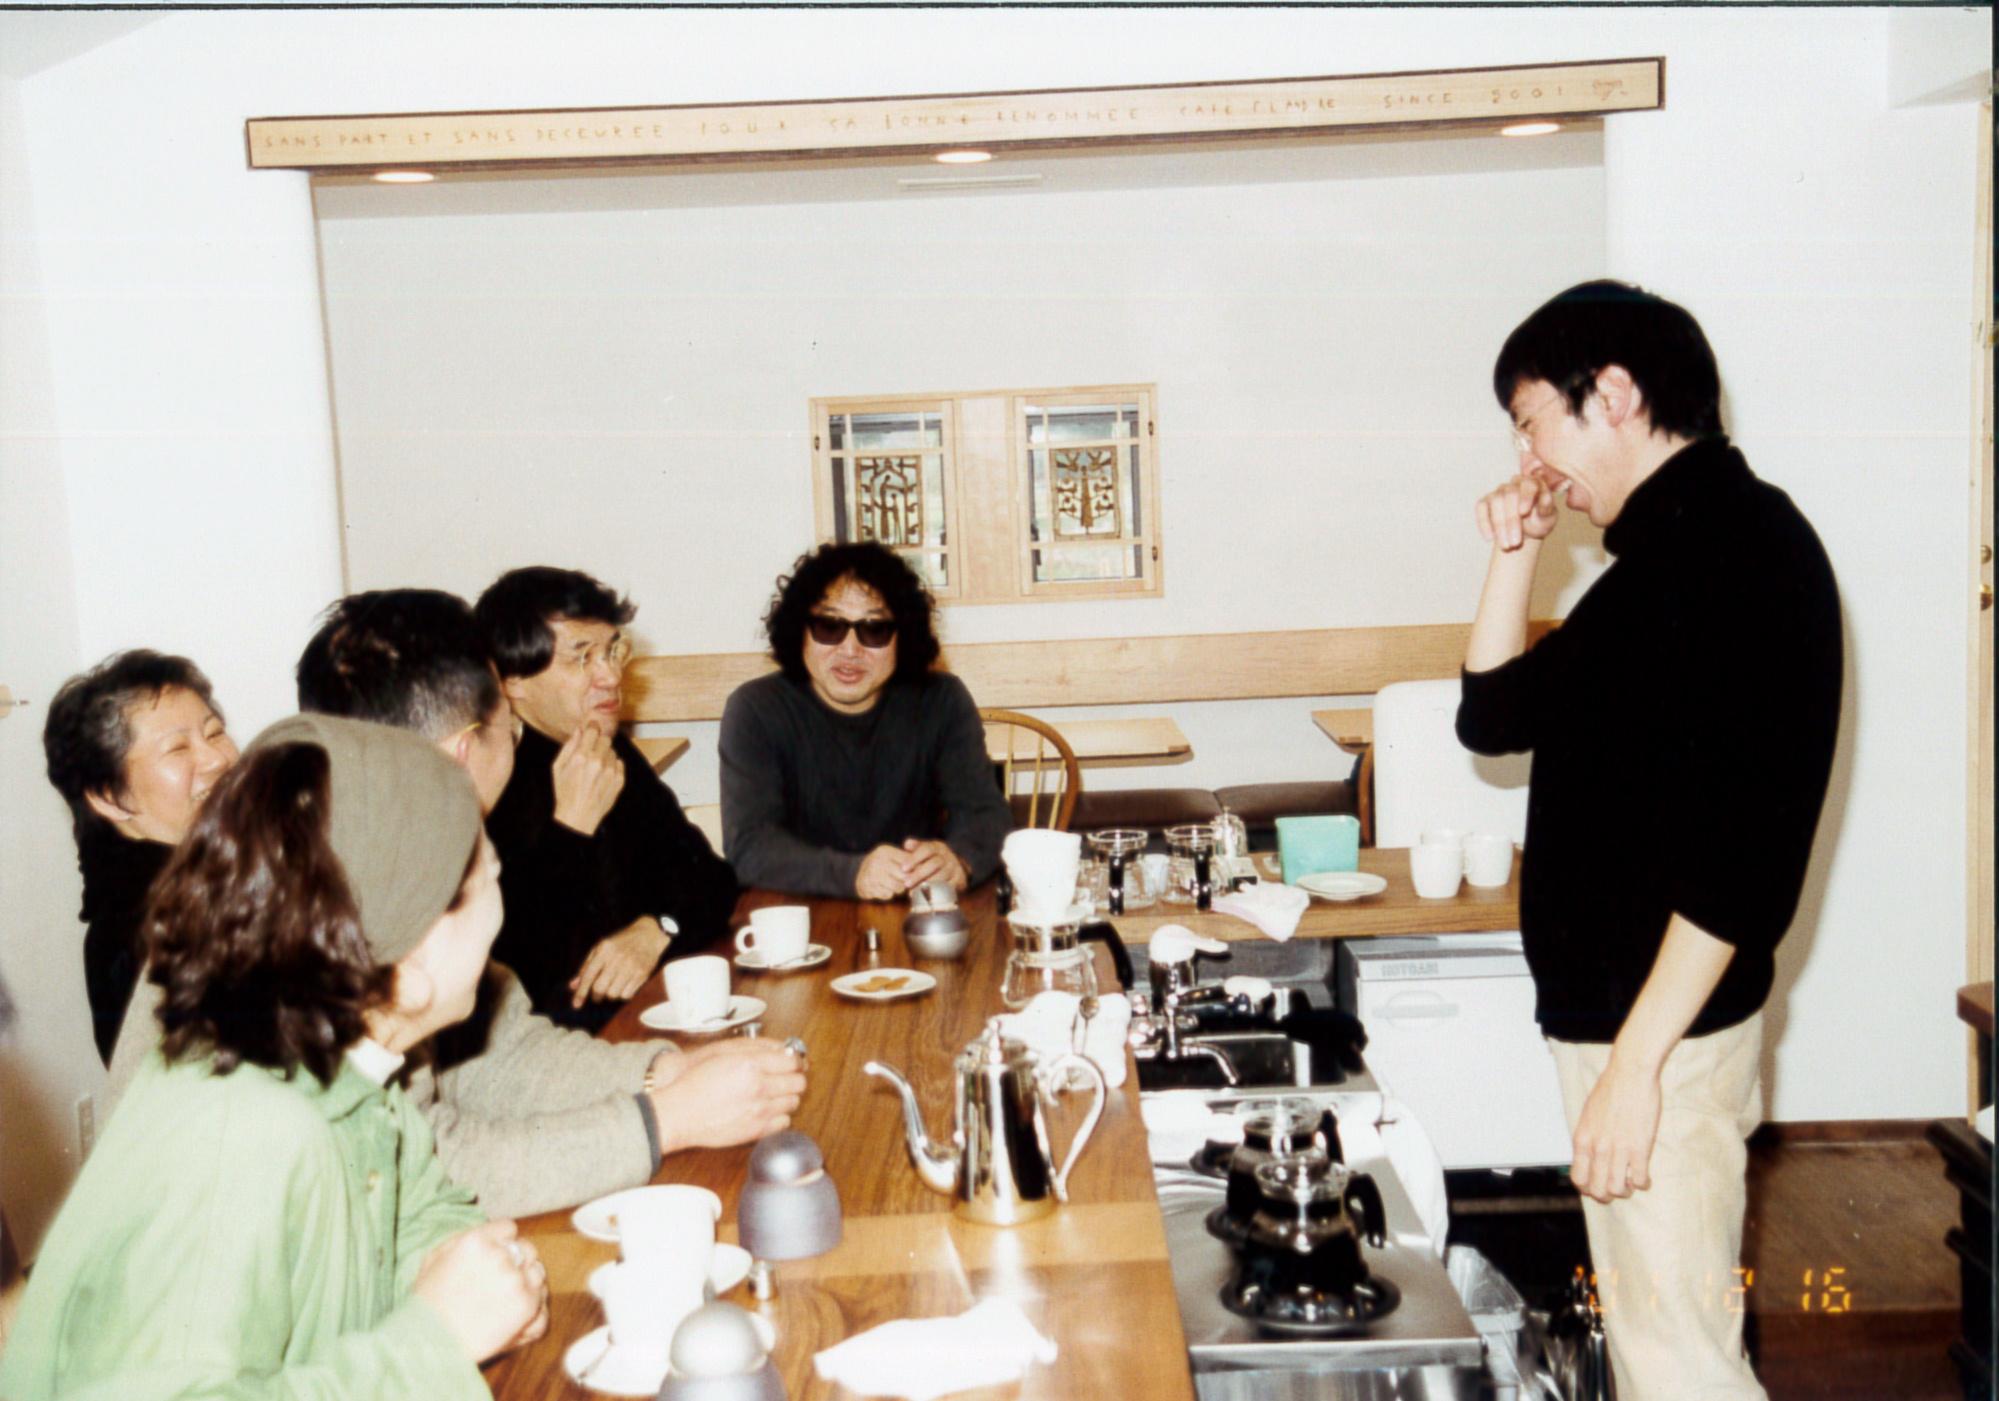 Cafe Flandre Opening Celebration - 12月22日設計して頂いた中村好文さんと奥様。レミングハウススタッフの上村さん。染色家の望月通陽さん。カップを製作して頂いた安藤雅信さん、外構デザインの鈴木奈津子さん、 家具を製作してもらった横山さん、建築施工してもらった中川製材さんと完成を祝いました。当日は、望月さんがカフェのH鋼に飾ってある板に焼きごてで装飾を施したり、外の塀に看板を描いて頂いたり、とても楽しい1日でした。